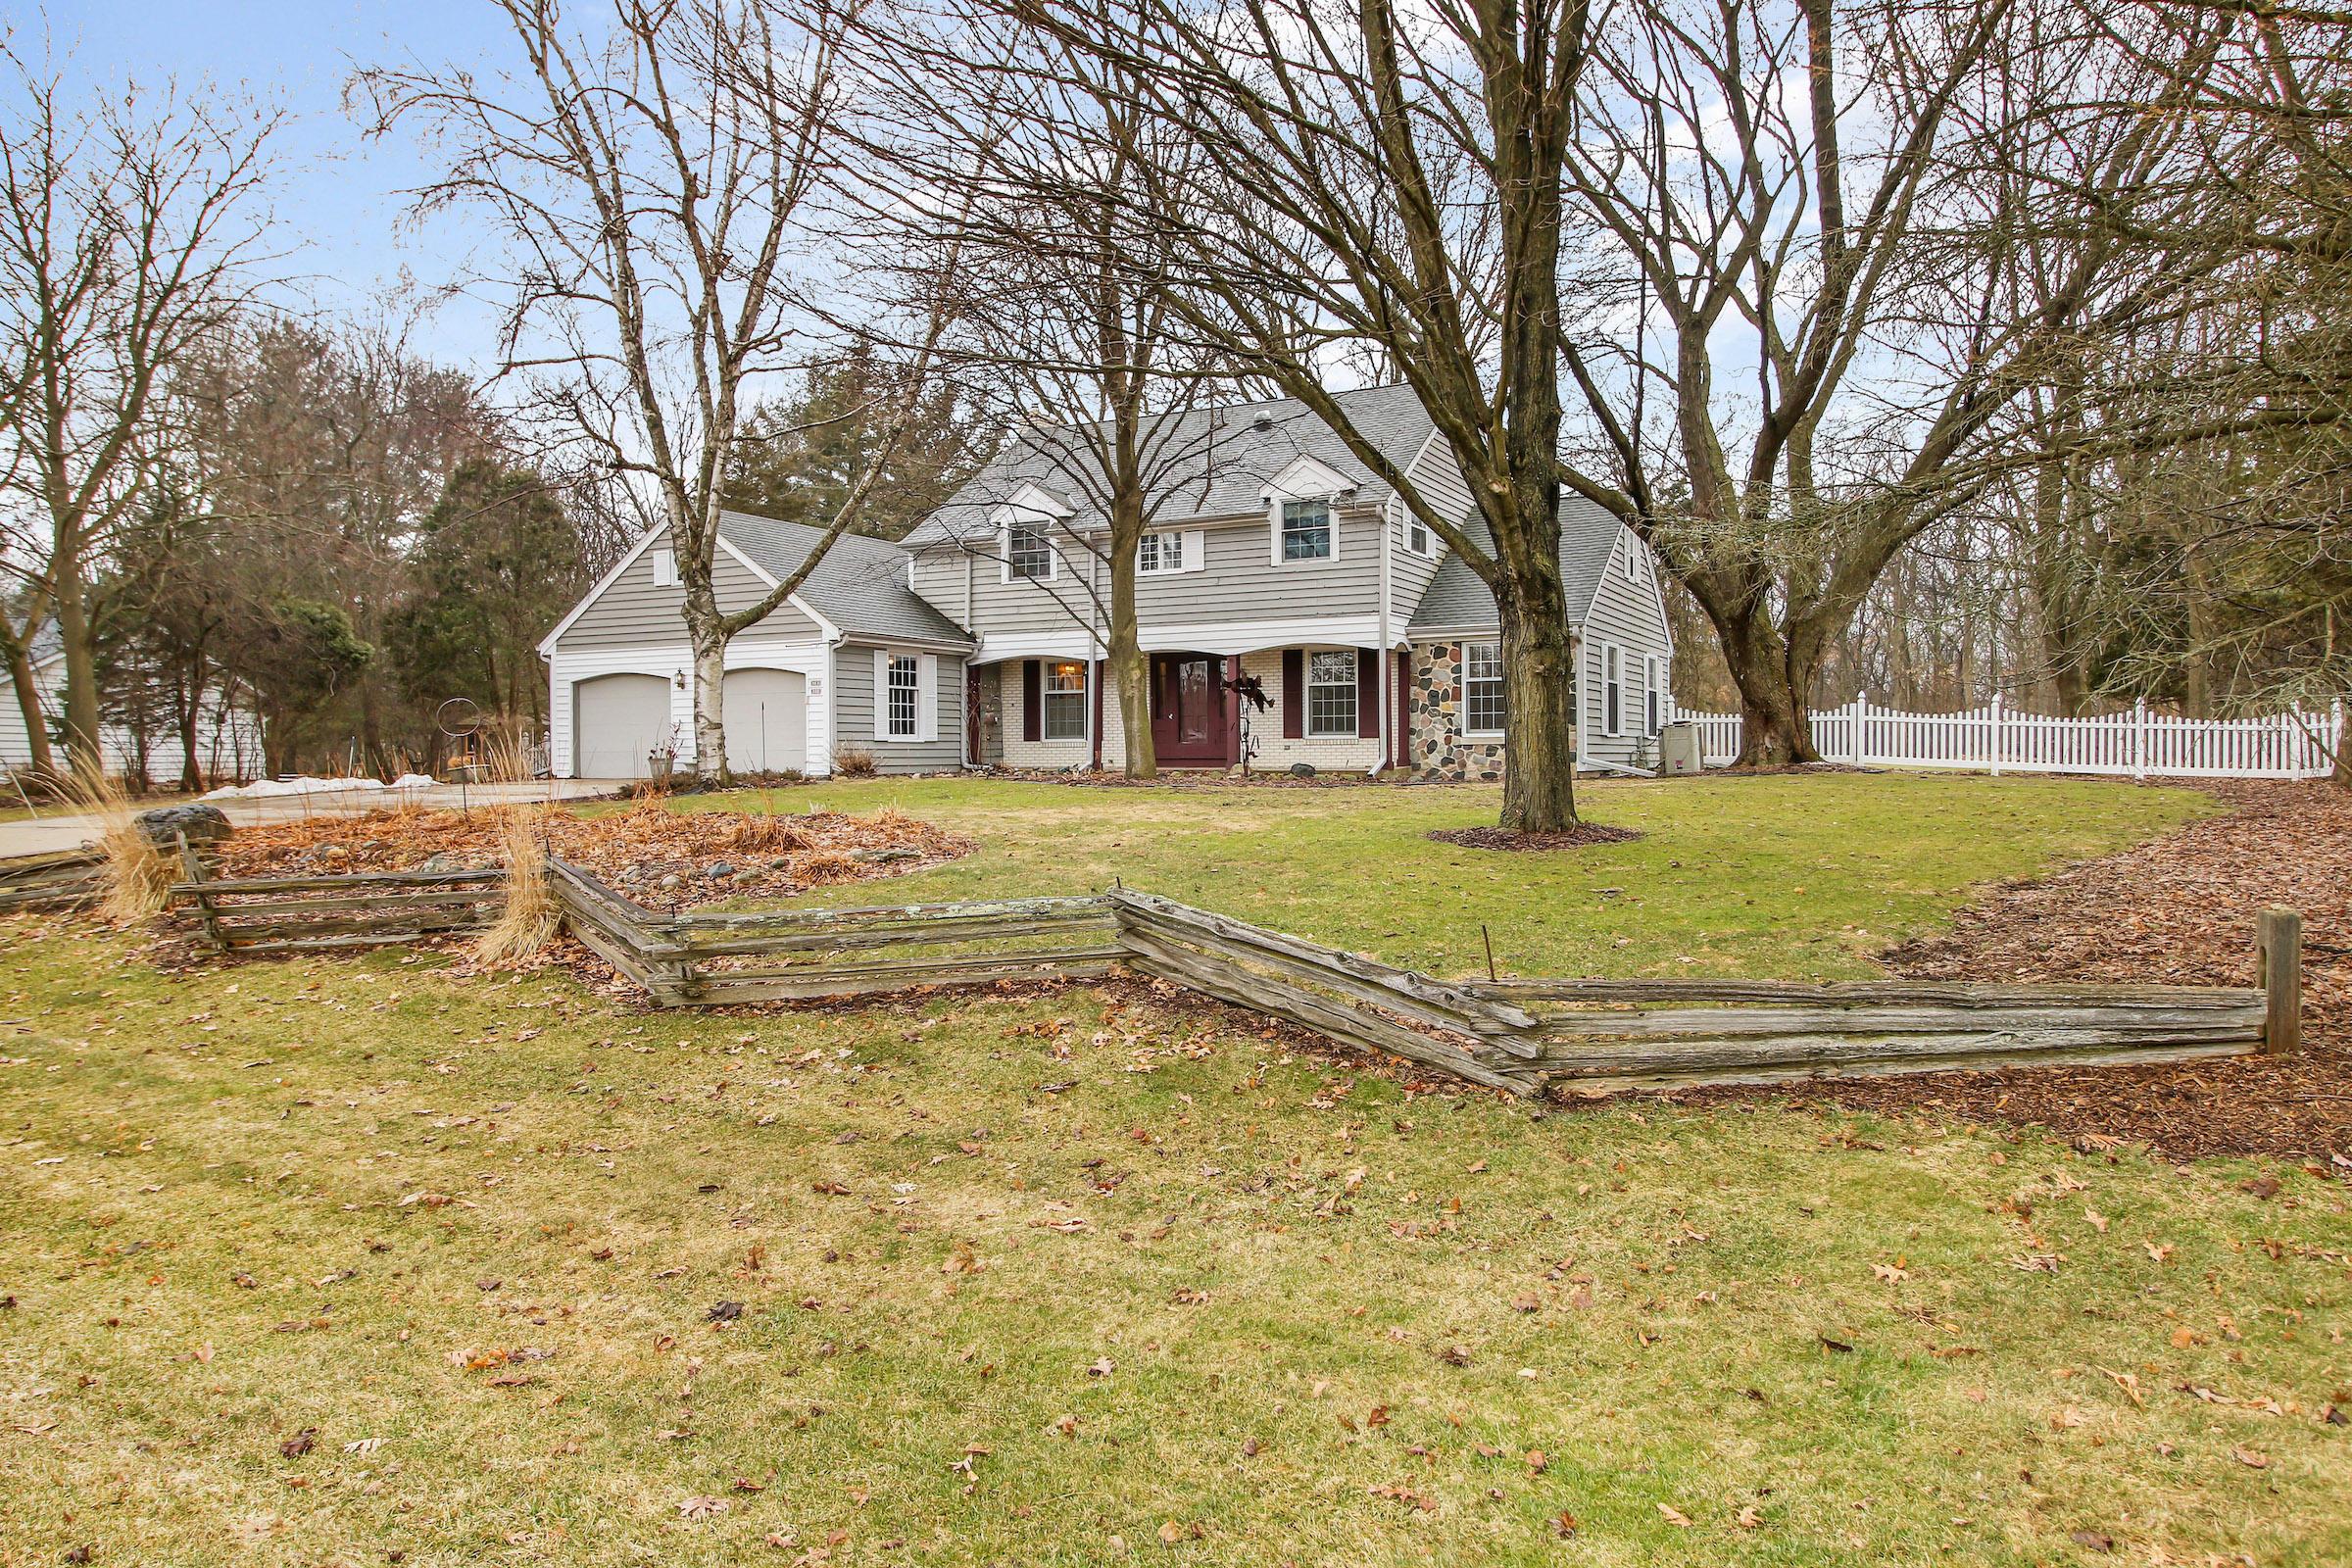 W319N785 Cobblestone Ct, Delafield, Wisconsin 53018, 4 Bedrooms Bedrooms, 9 Rooms Rooms,2 BathroomsBathrooms,Single-Family,For Sale,Cobblestone Ct,1680572